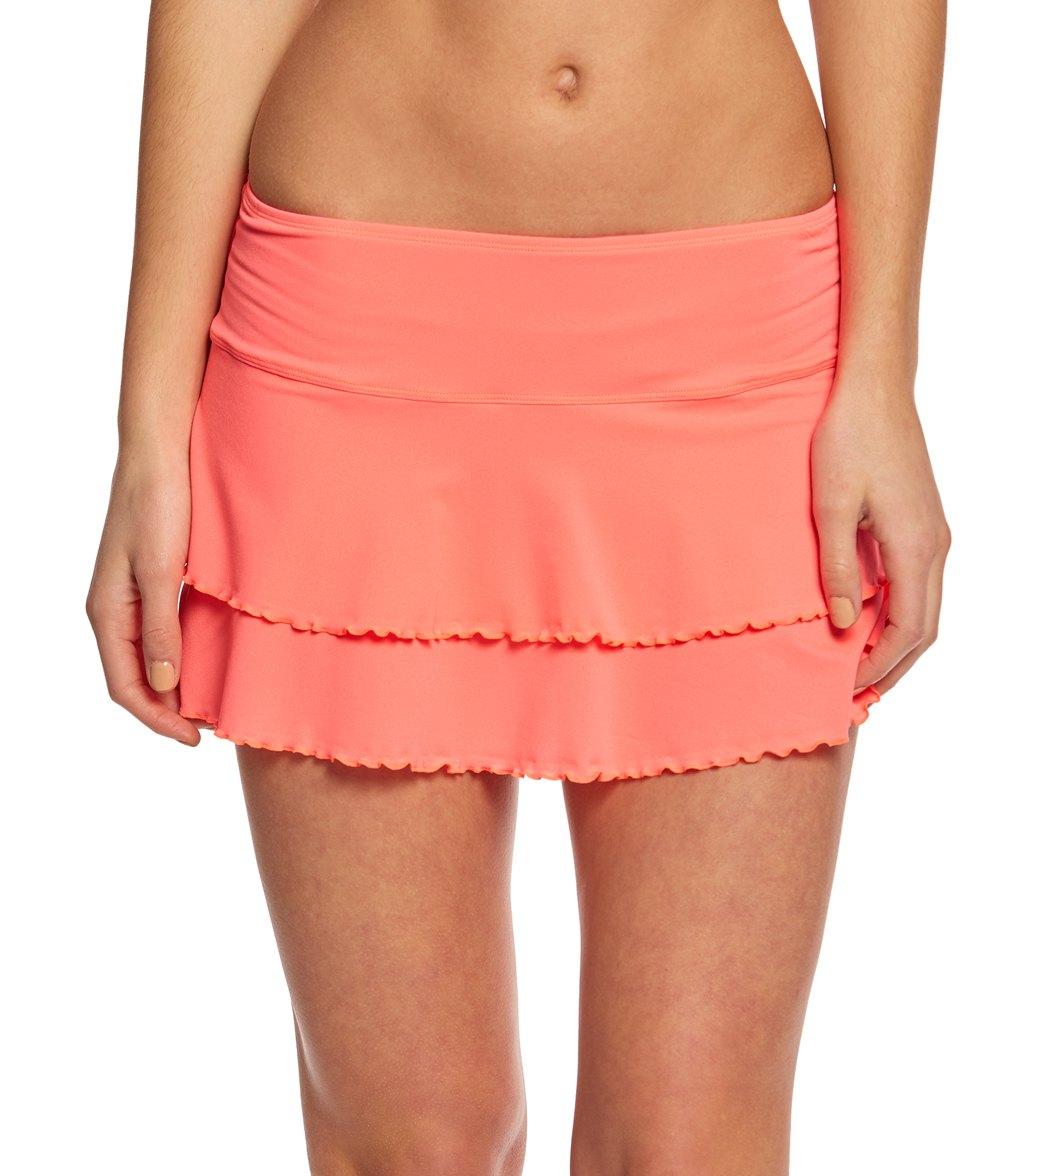 1c6d132b8 Body Glove Swimwear Smoothies Lambada Cover Up Swim Skirt at SwimOutlet.com